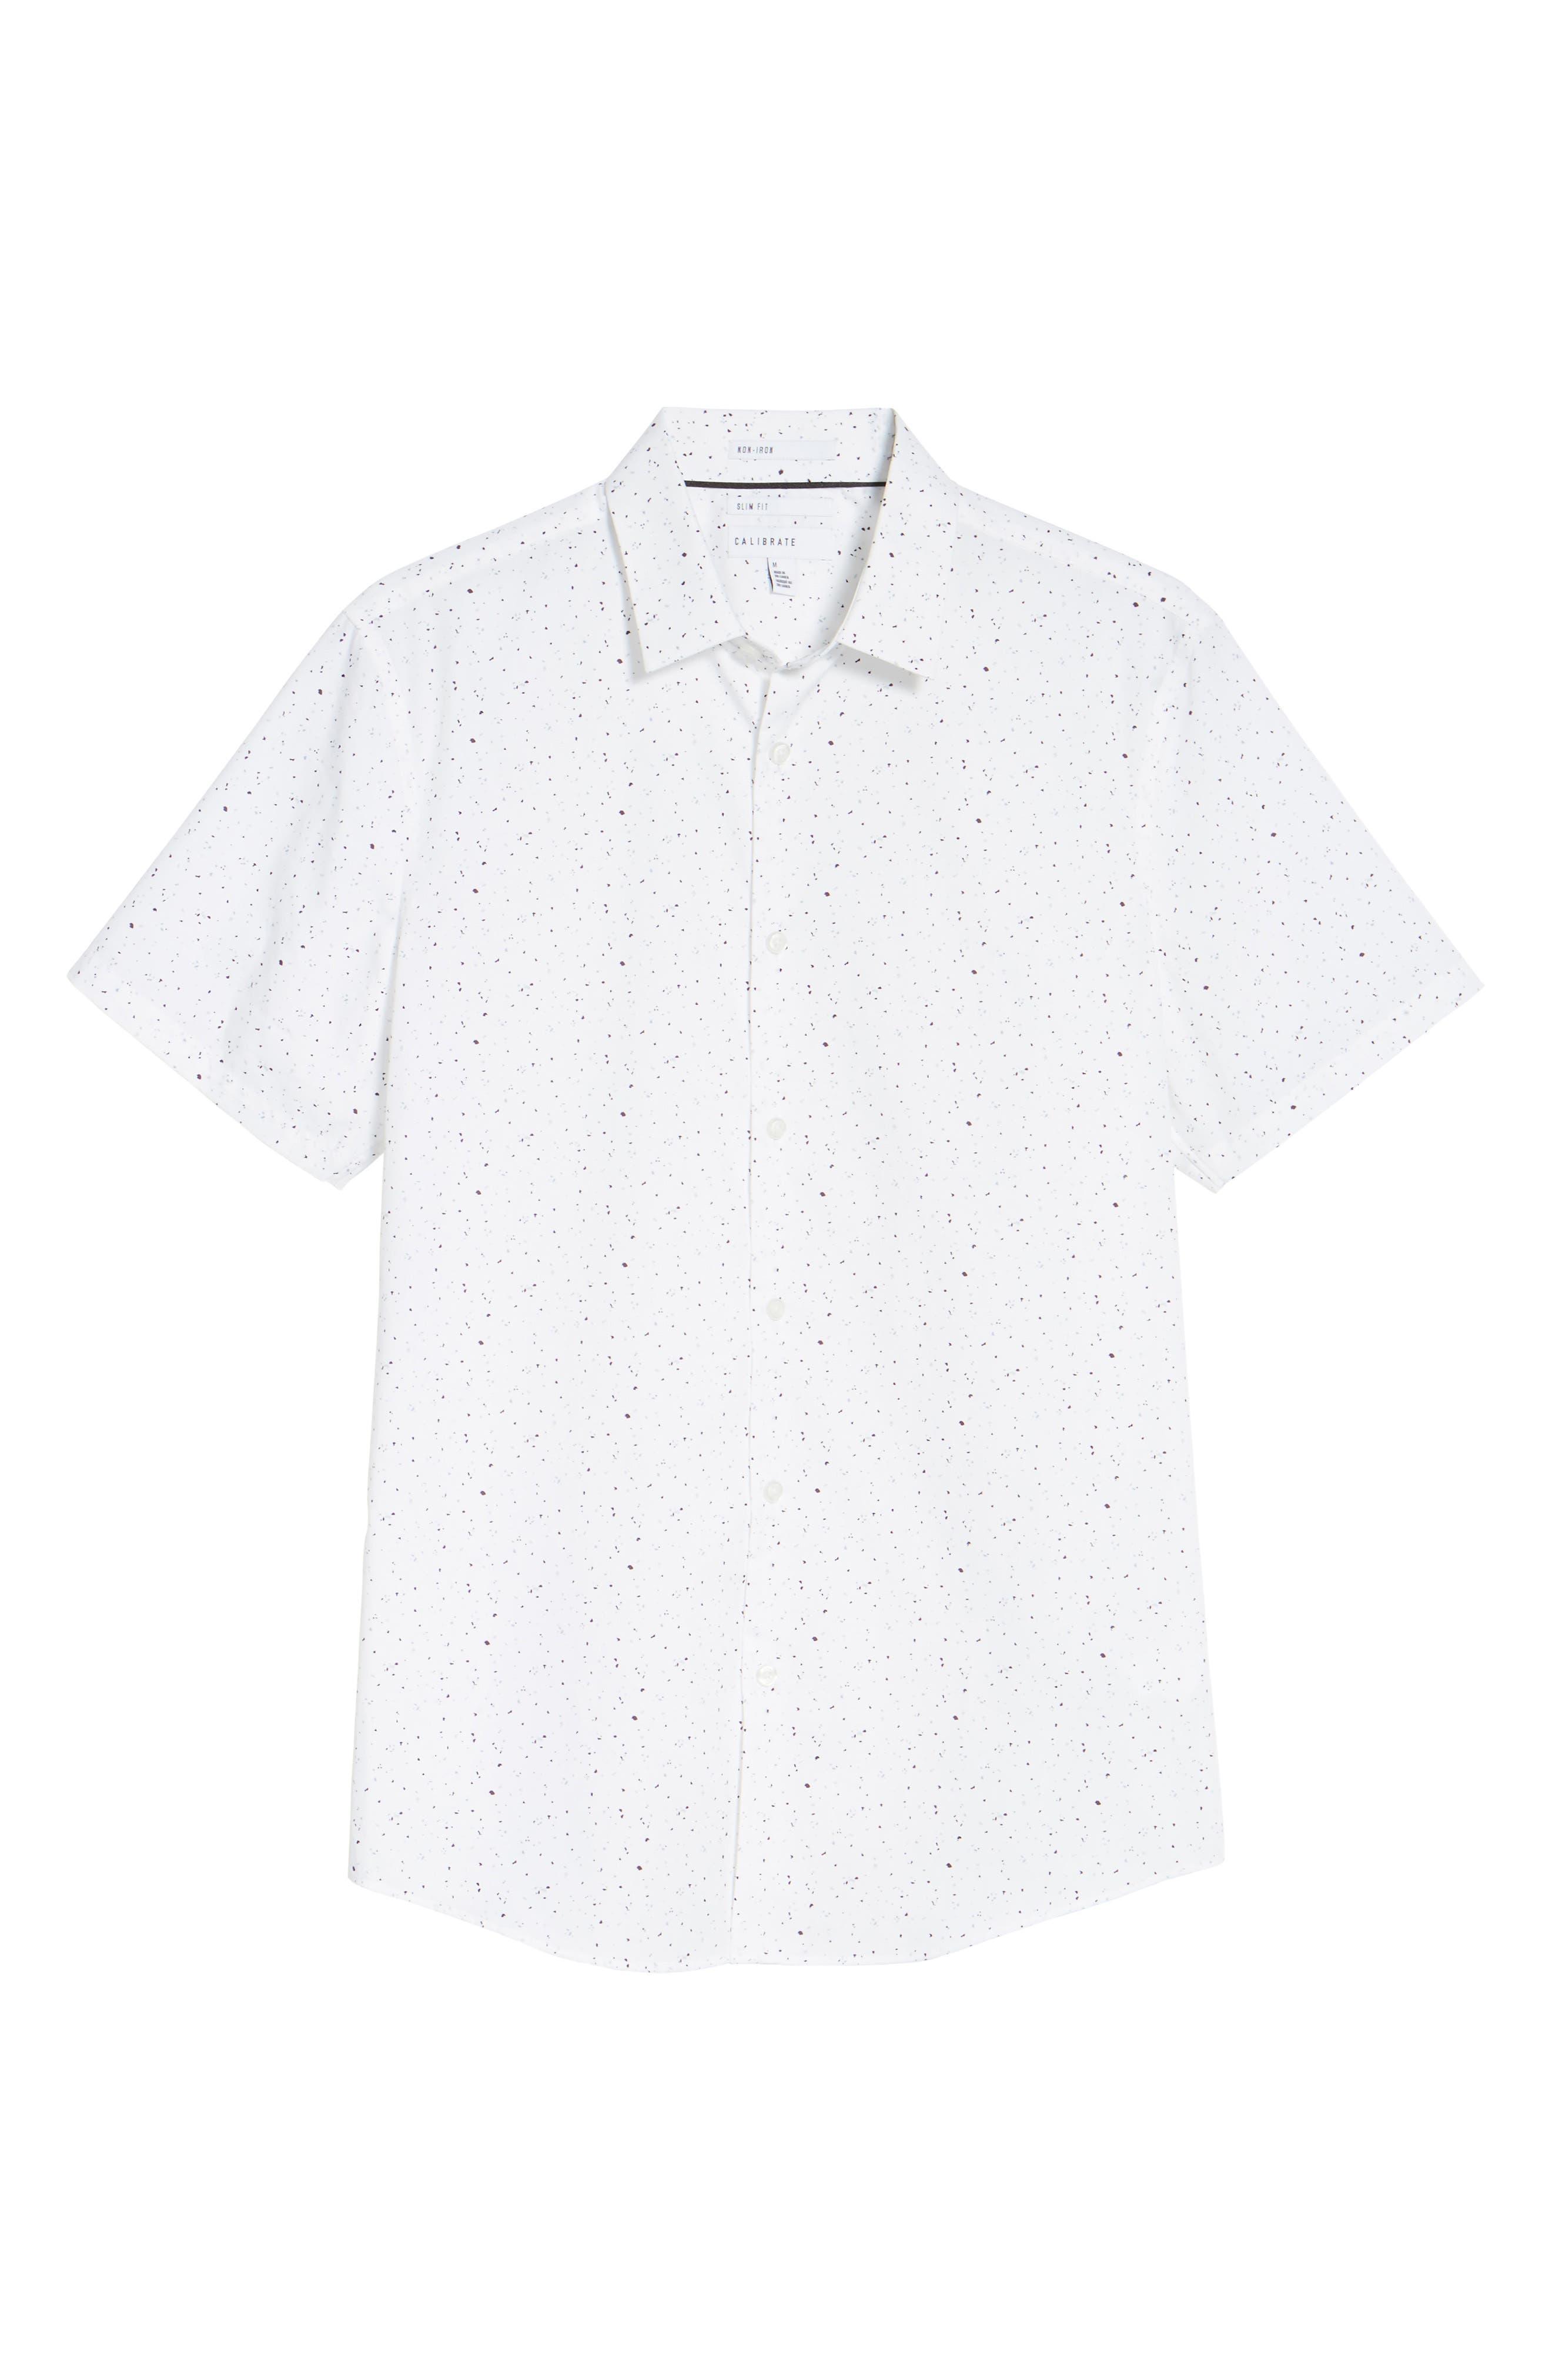 Speckle Print Sport Shirt,                             Alternate thumbnail 6, color,                             100